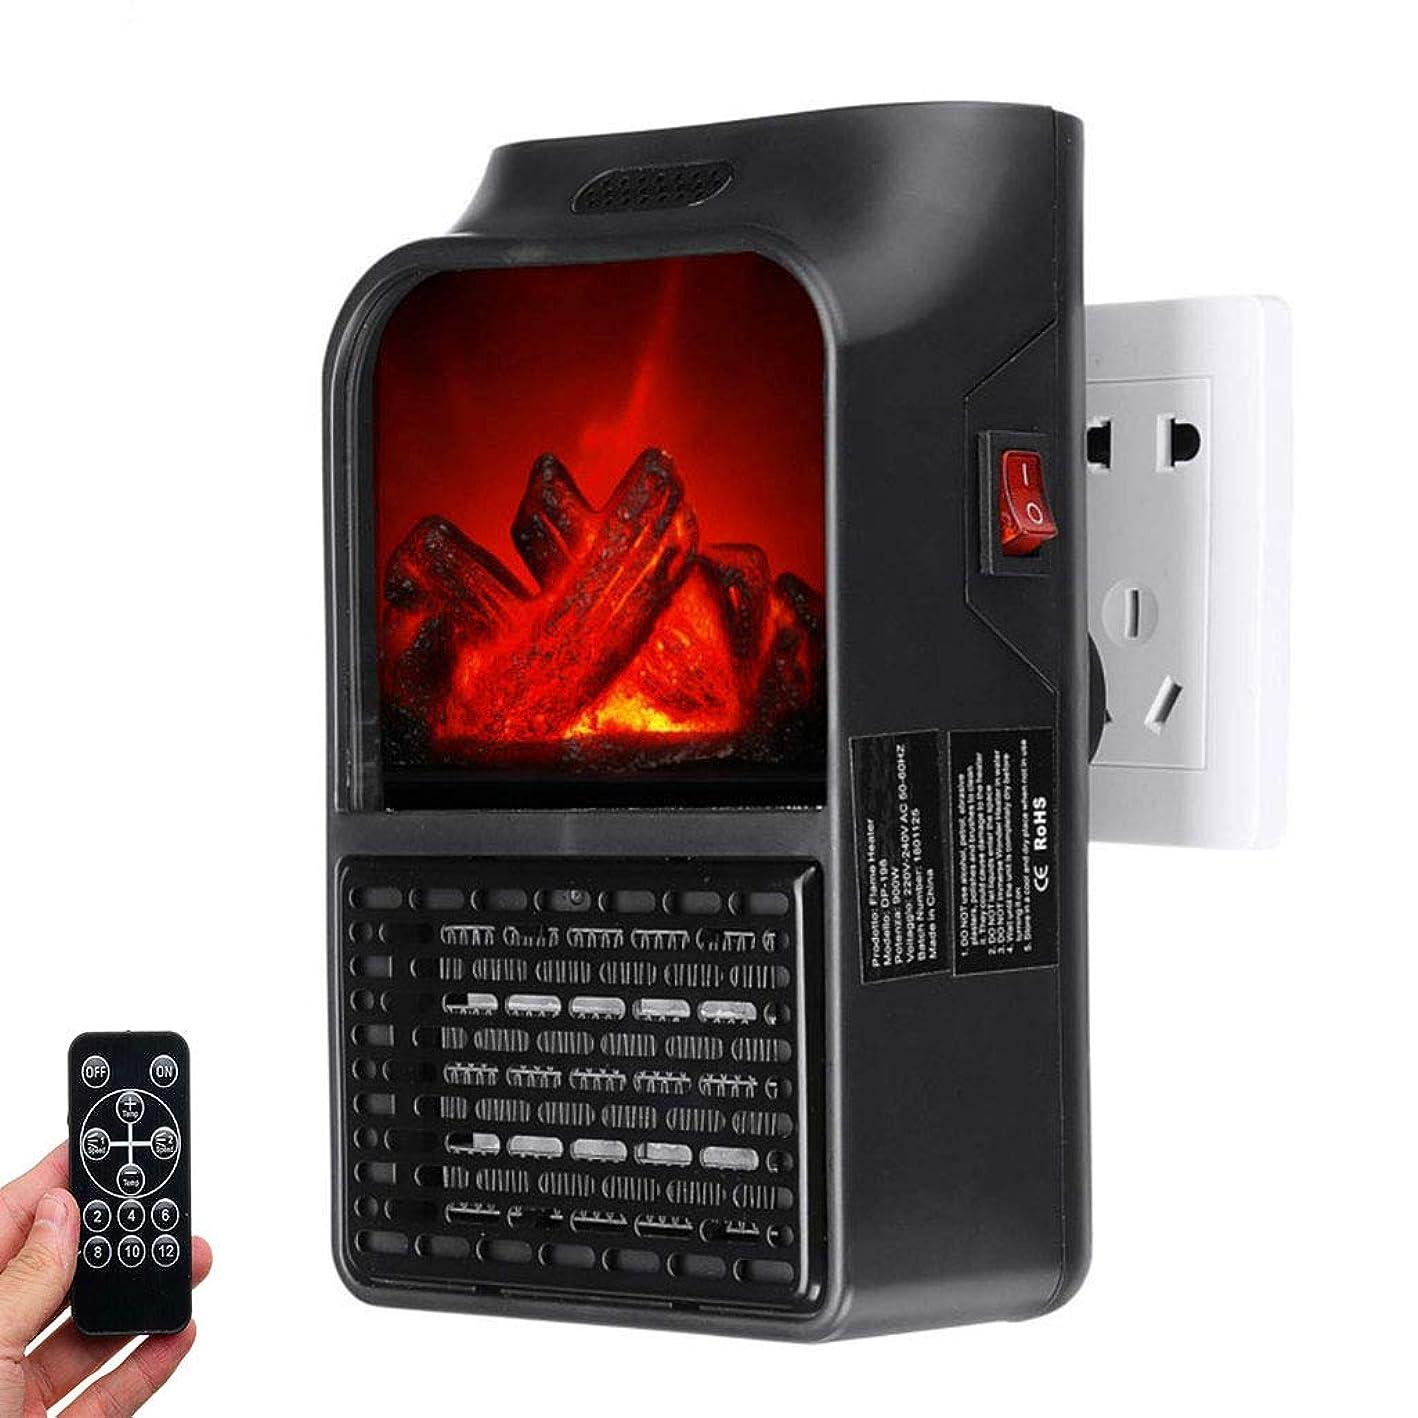 アシュリータファーマン興味懲戒ミニ電気ヒーターエアウォーマープラグインの暖房壁コンセント炎のストーブ900Wルームヒーター暖炉の炎エフェクトW /リモート